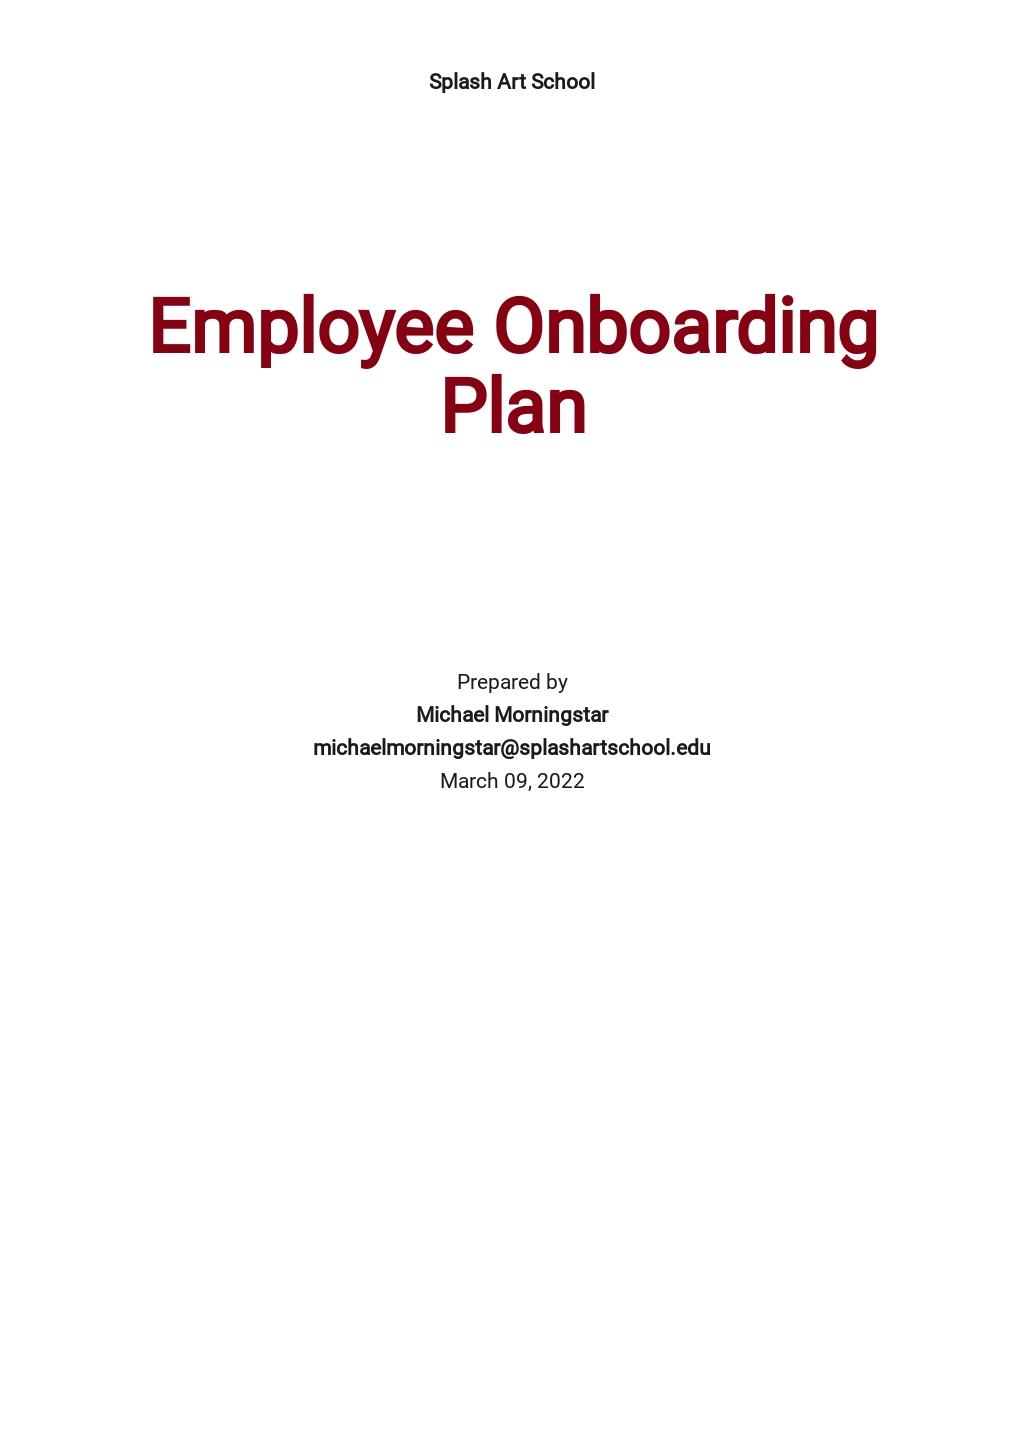 Employee Onboarding Plan Template